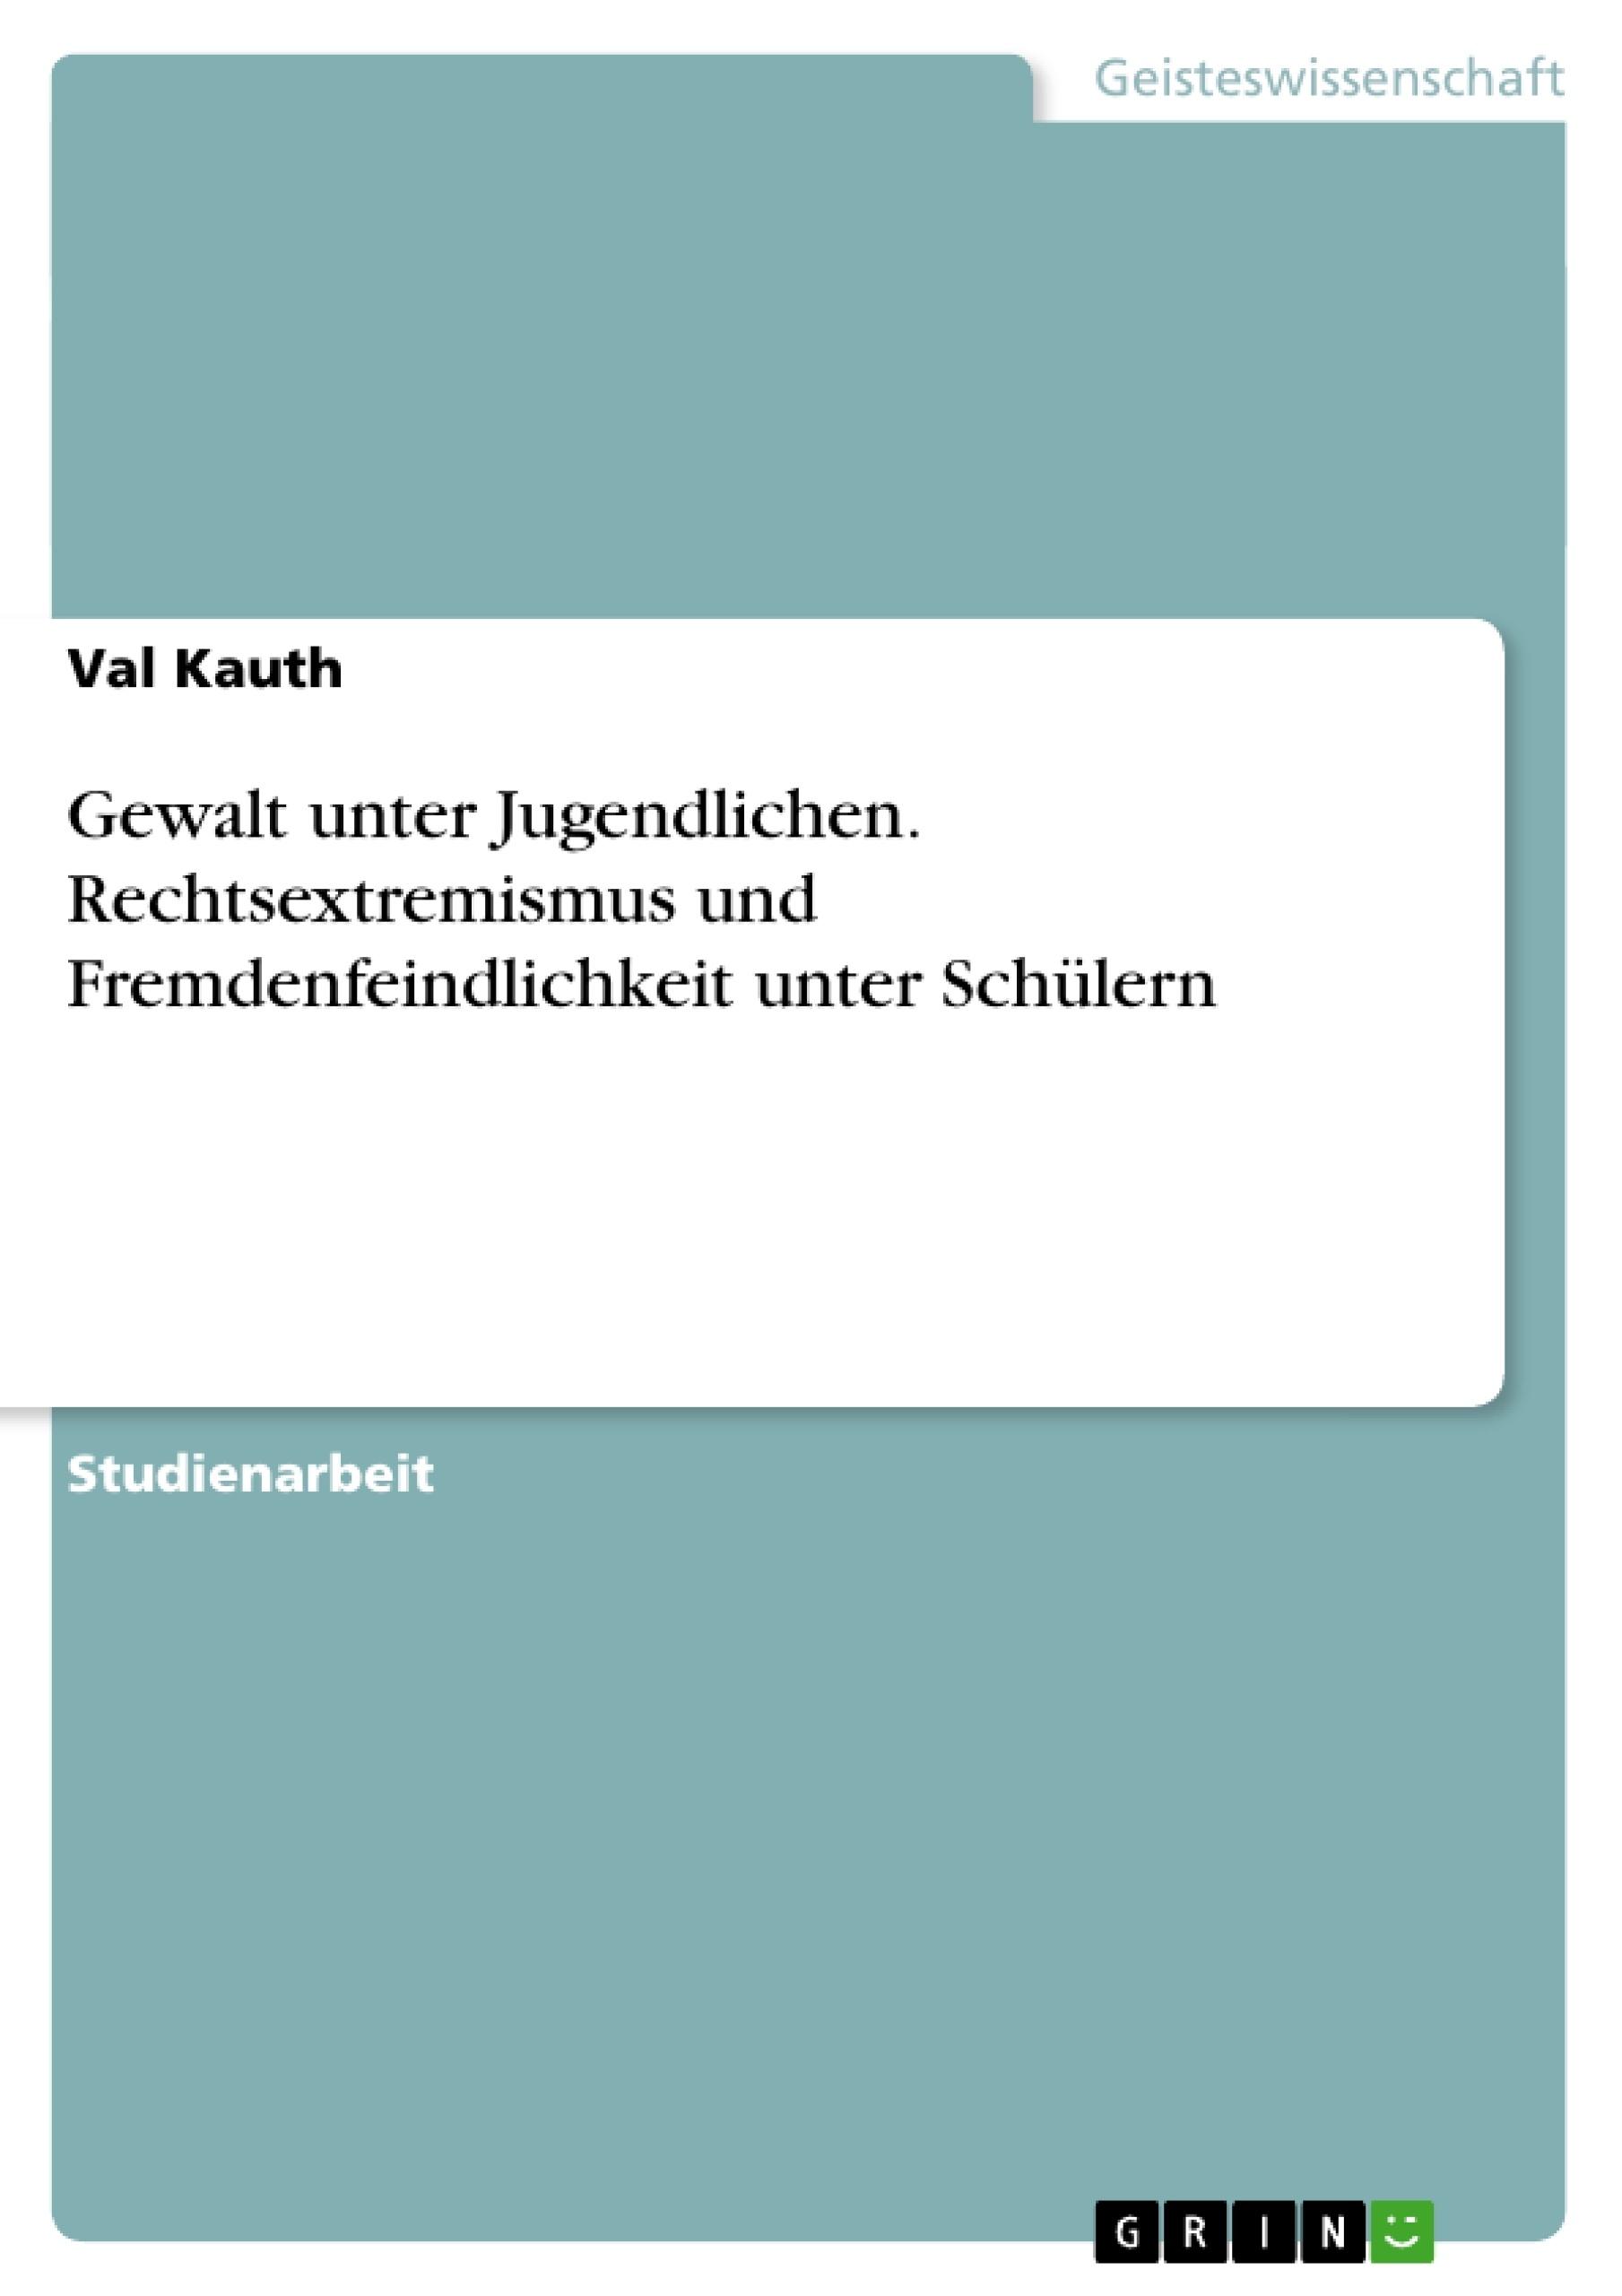 Titel: Gewalt unter Jugendlichen. Rechtsextremismus und Fremdenfeindlichkeit unter Schülern